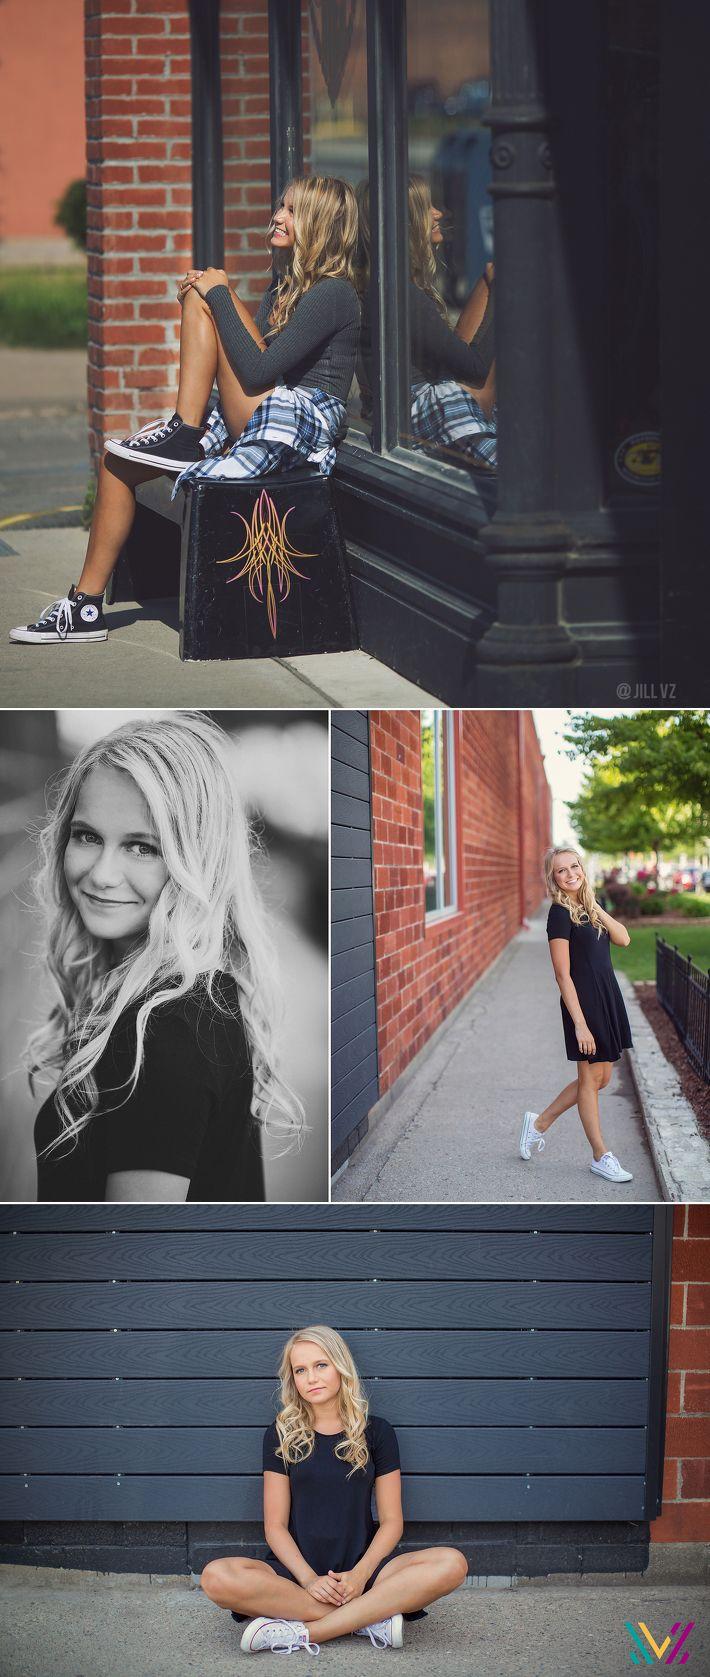 Iowa Senior Photos - Urban photo shoot - Downtown Des Moines